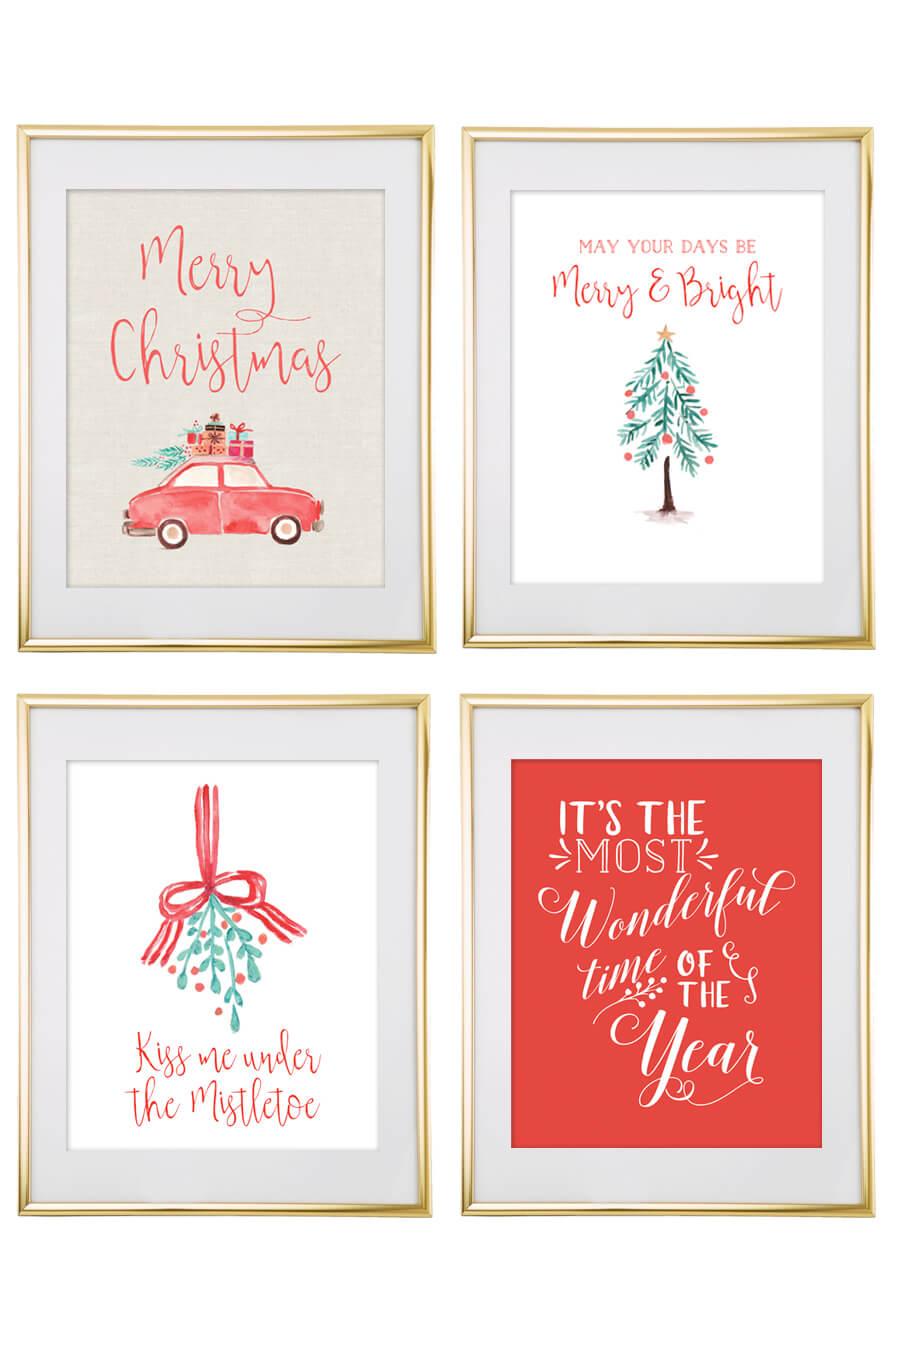 Christmas Free Printable Wall Art - Download Free Christmas Art - Free Printable Christmas Art